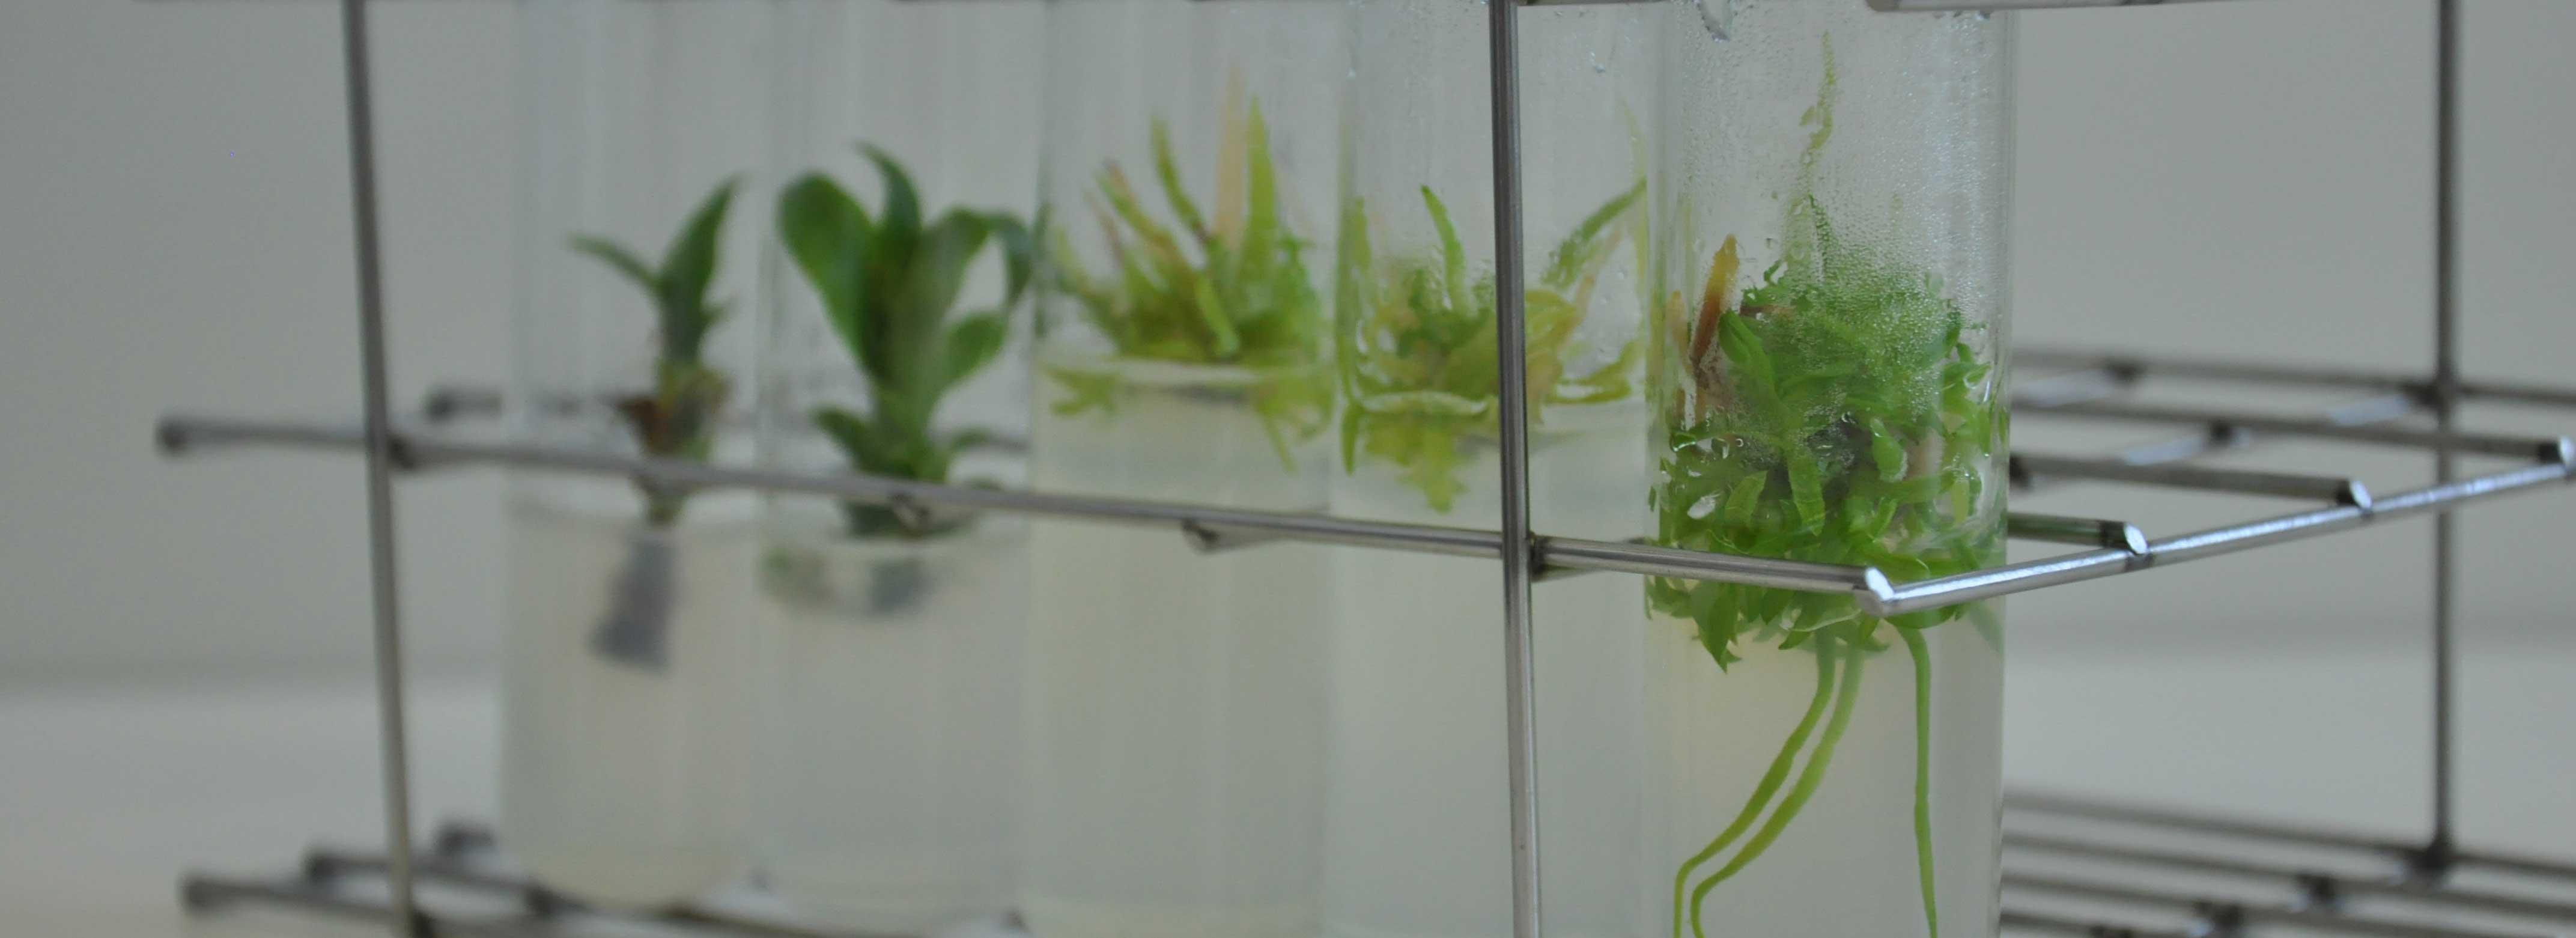 Câmpus de Tangará oferecerá Mestrado Profissional em Ensino de Biologia em 2017